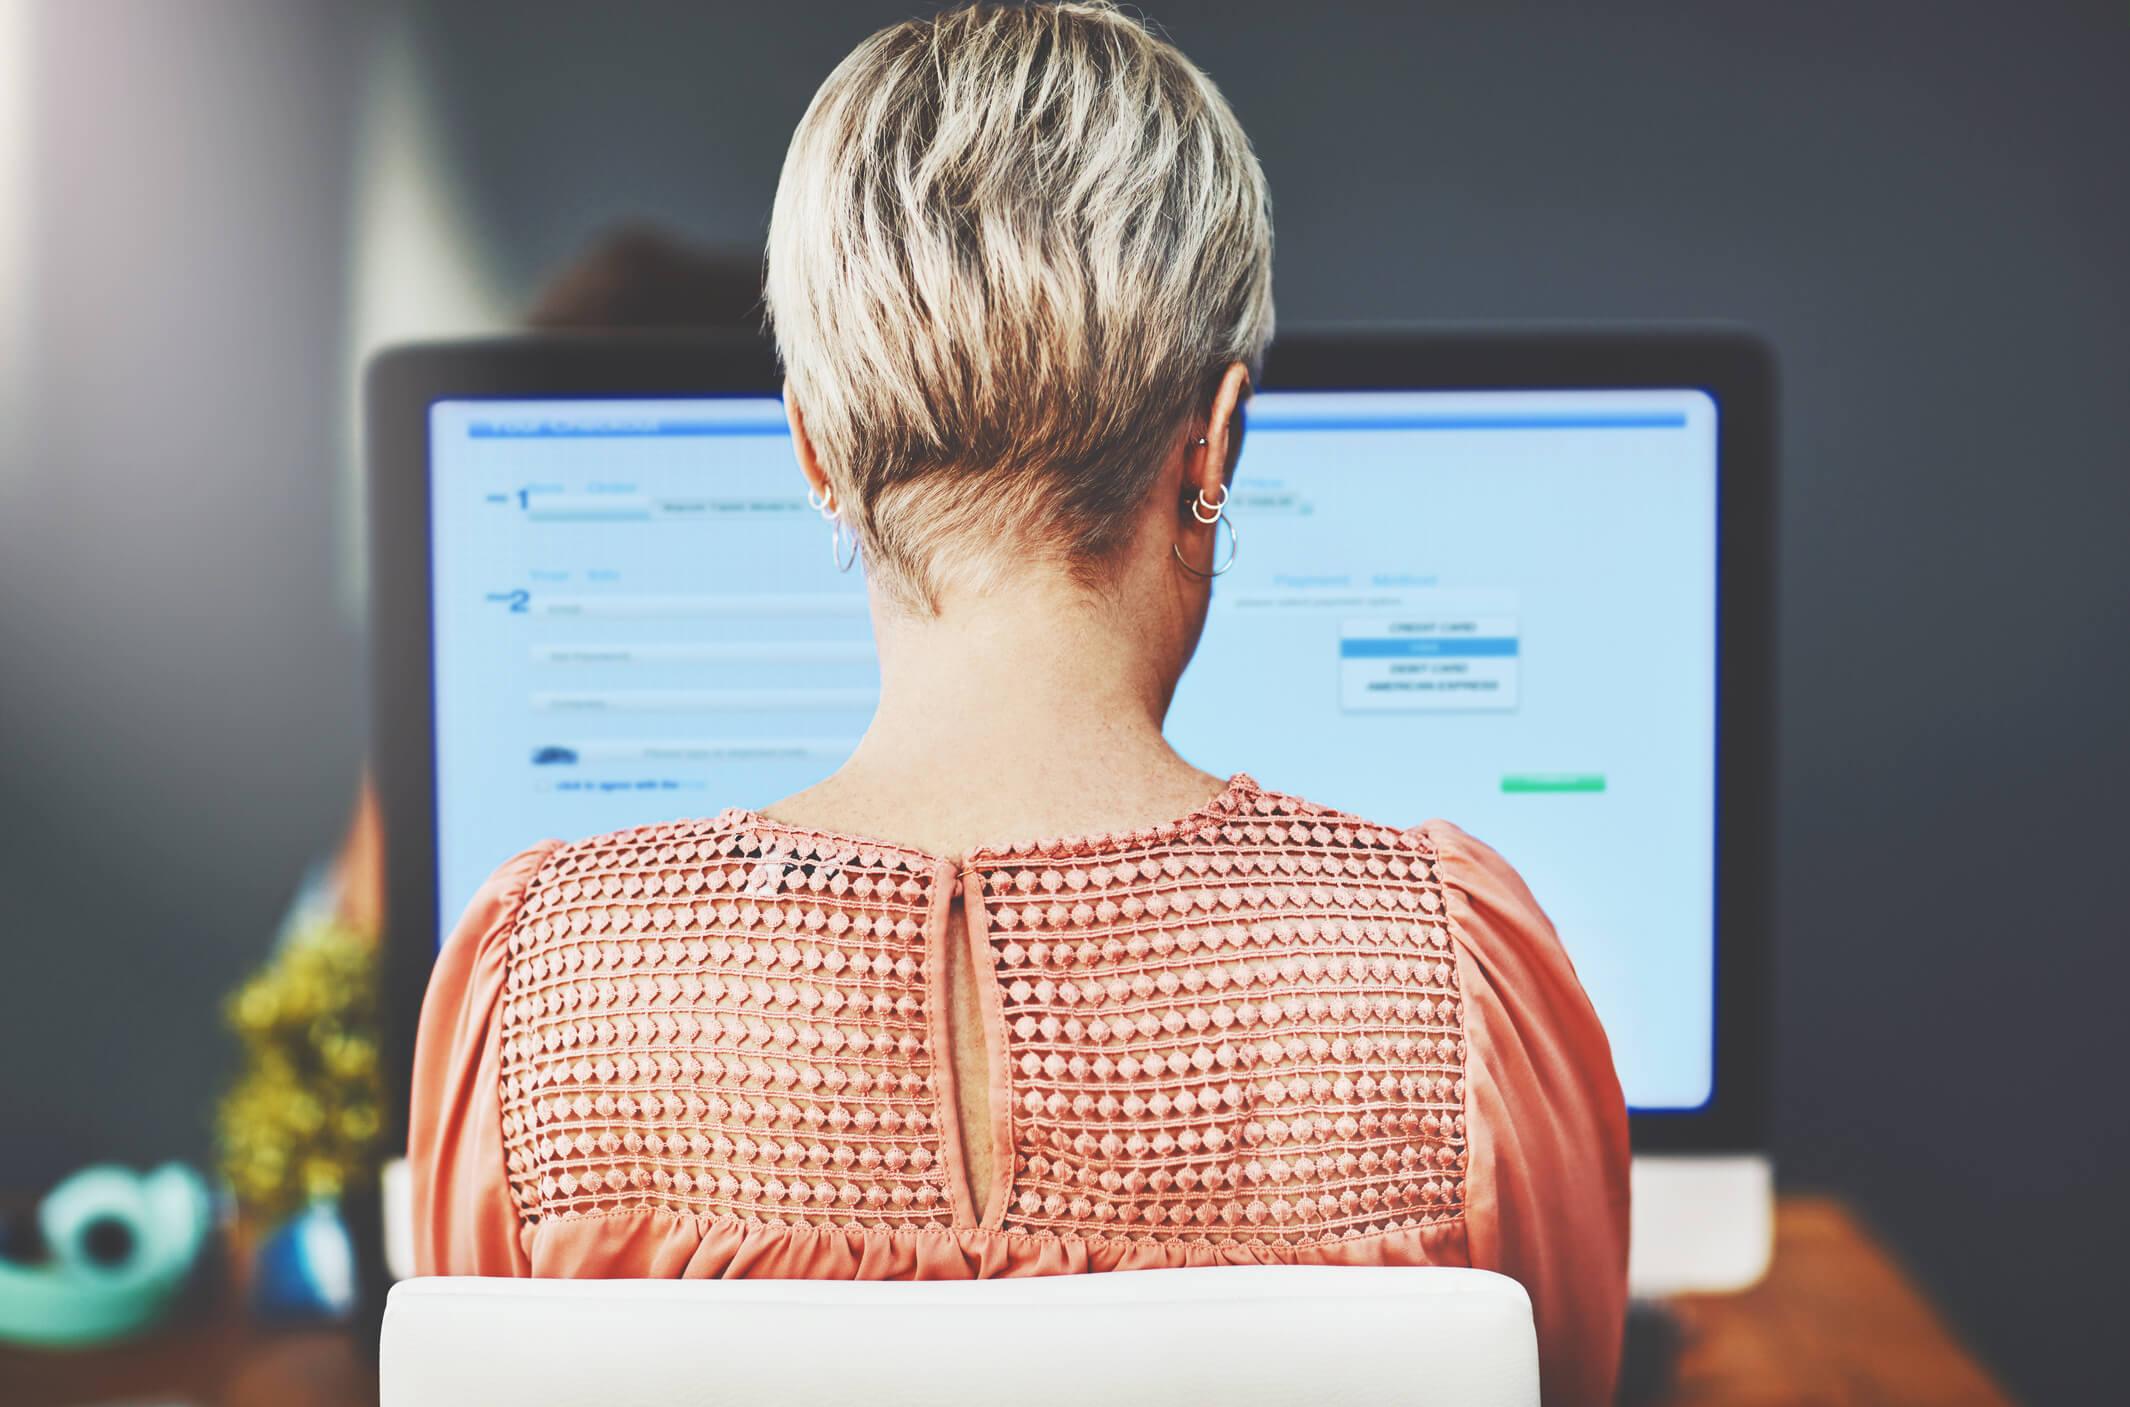 Tendências de gestão de pessoas: 6 melhores para sua empresa!